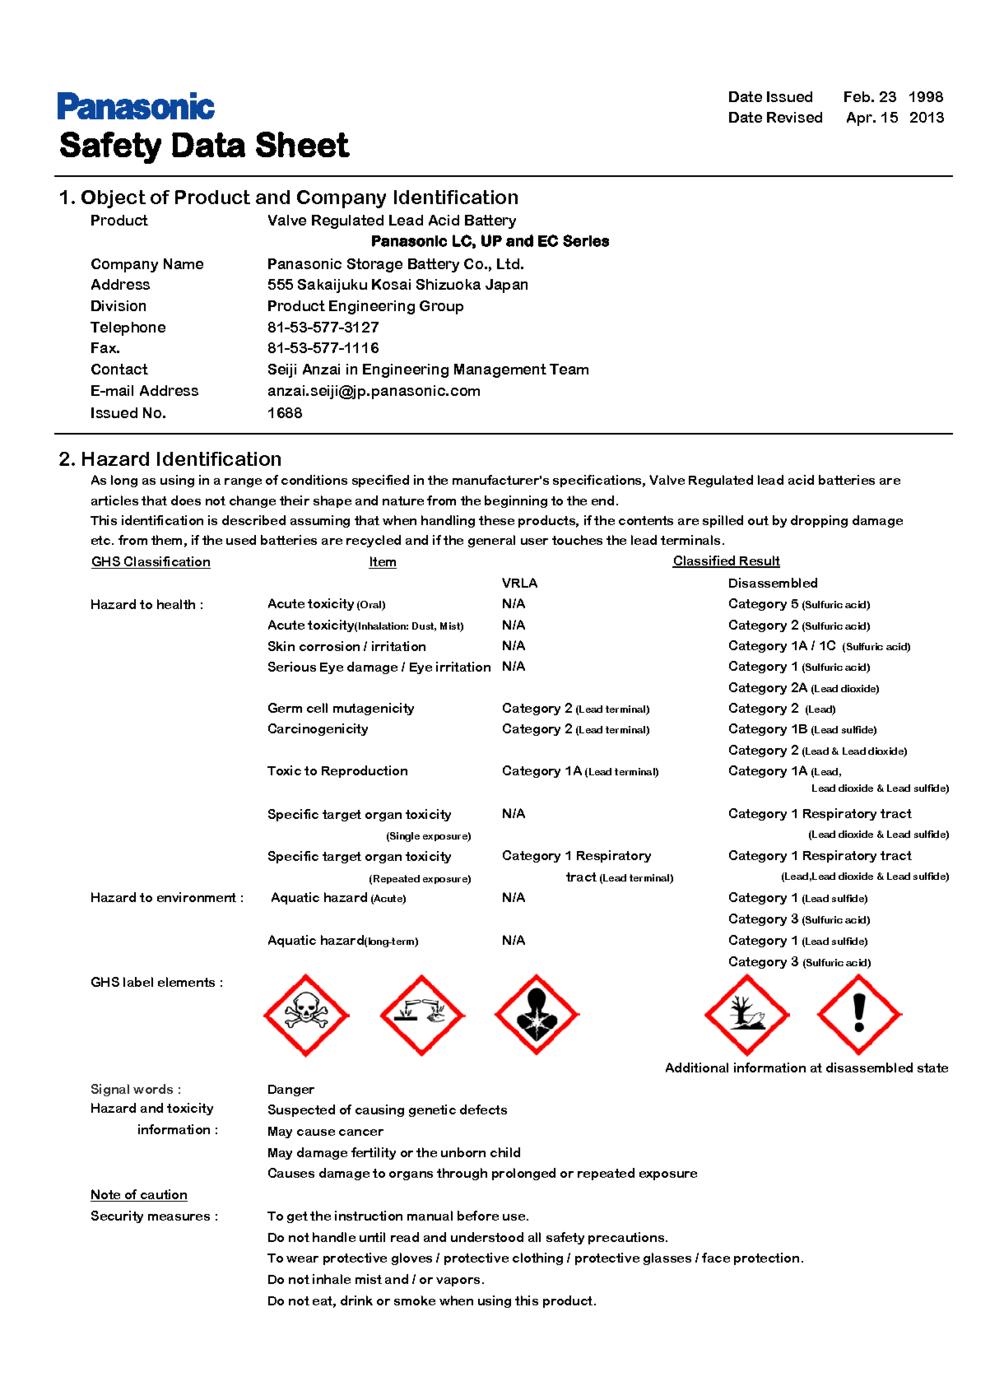 Lead-Acid Battery MSDS Download